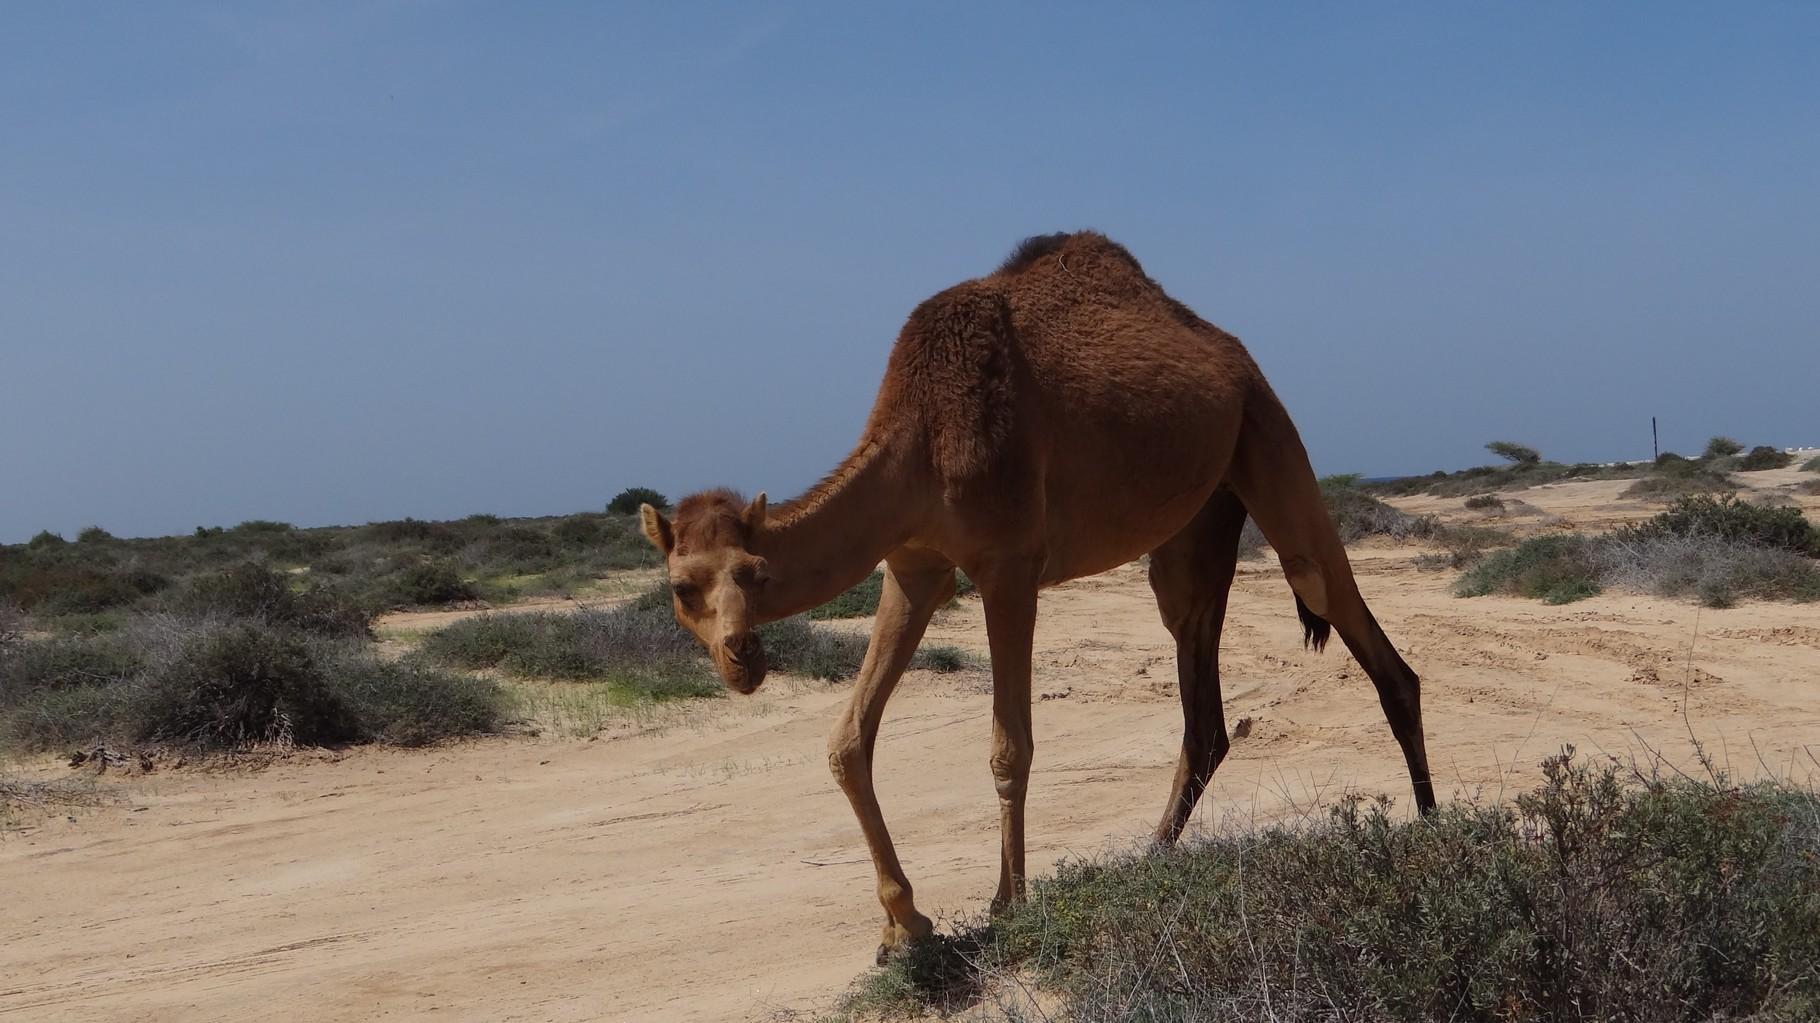 Unterwegs gab es doch tatsächlich Kamele!